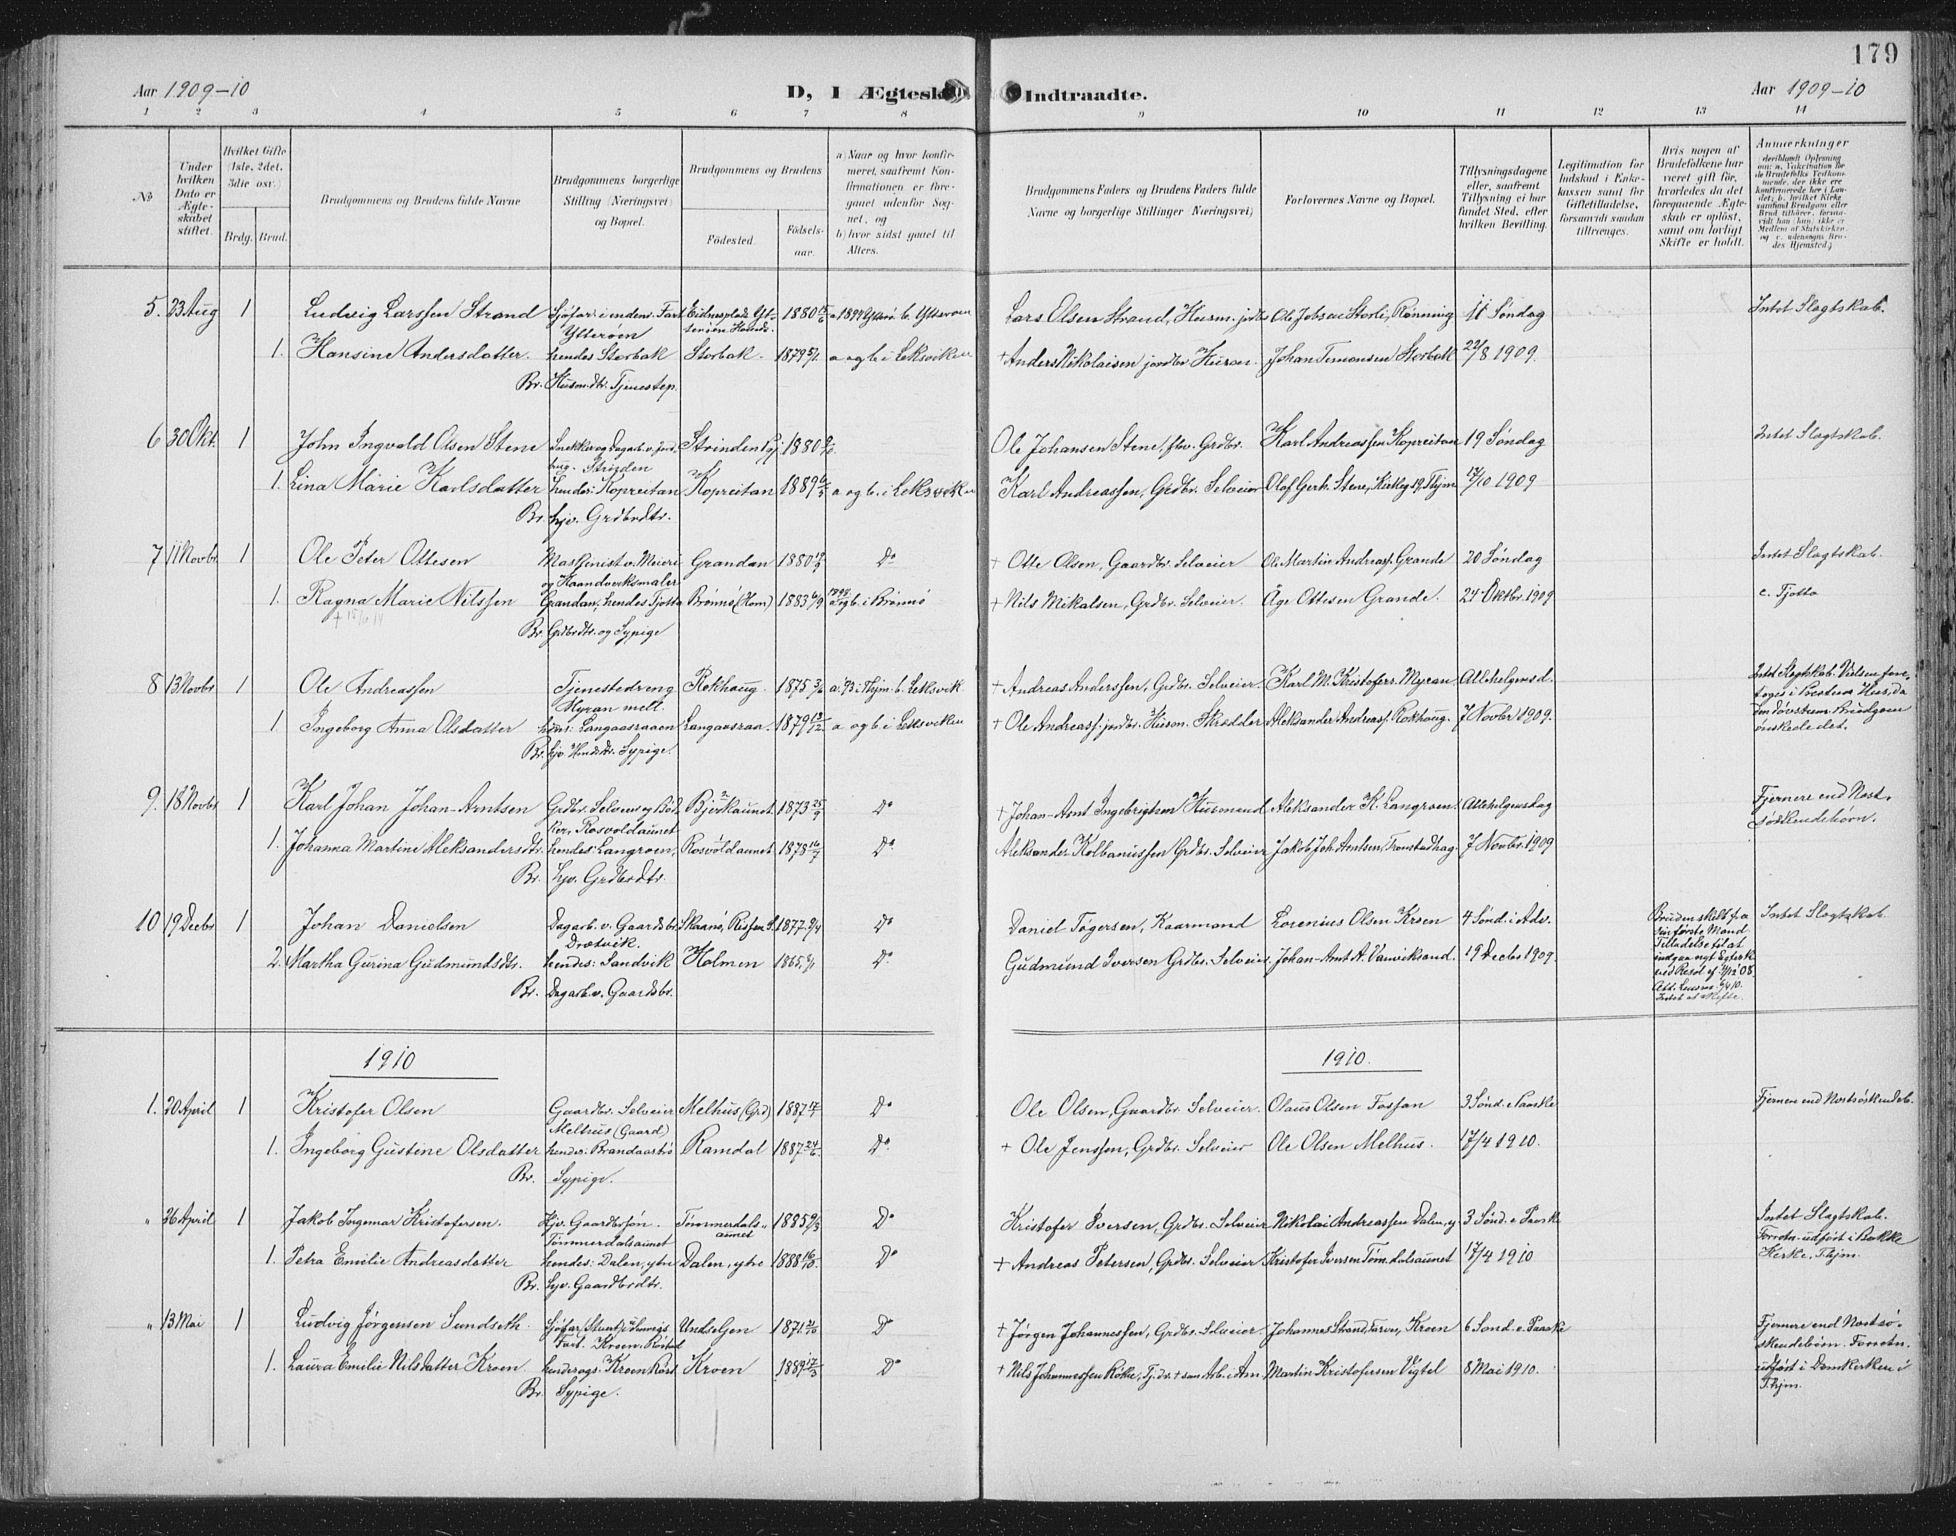 SAT, Ministerialprotokoller, klokkerbøker og fødselsregistre - Nord-Trøndelag, 701/L0011: Parish register (official) no. 701A11, 1899-1915, p. 179